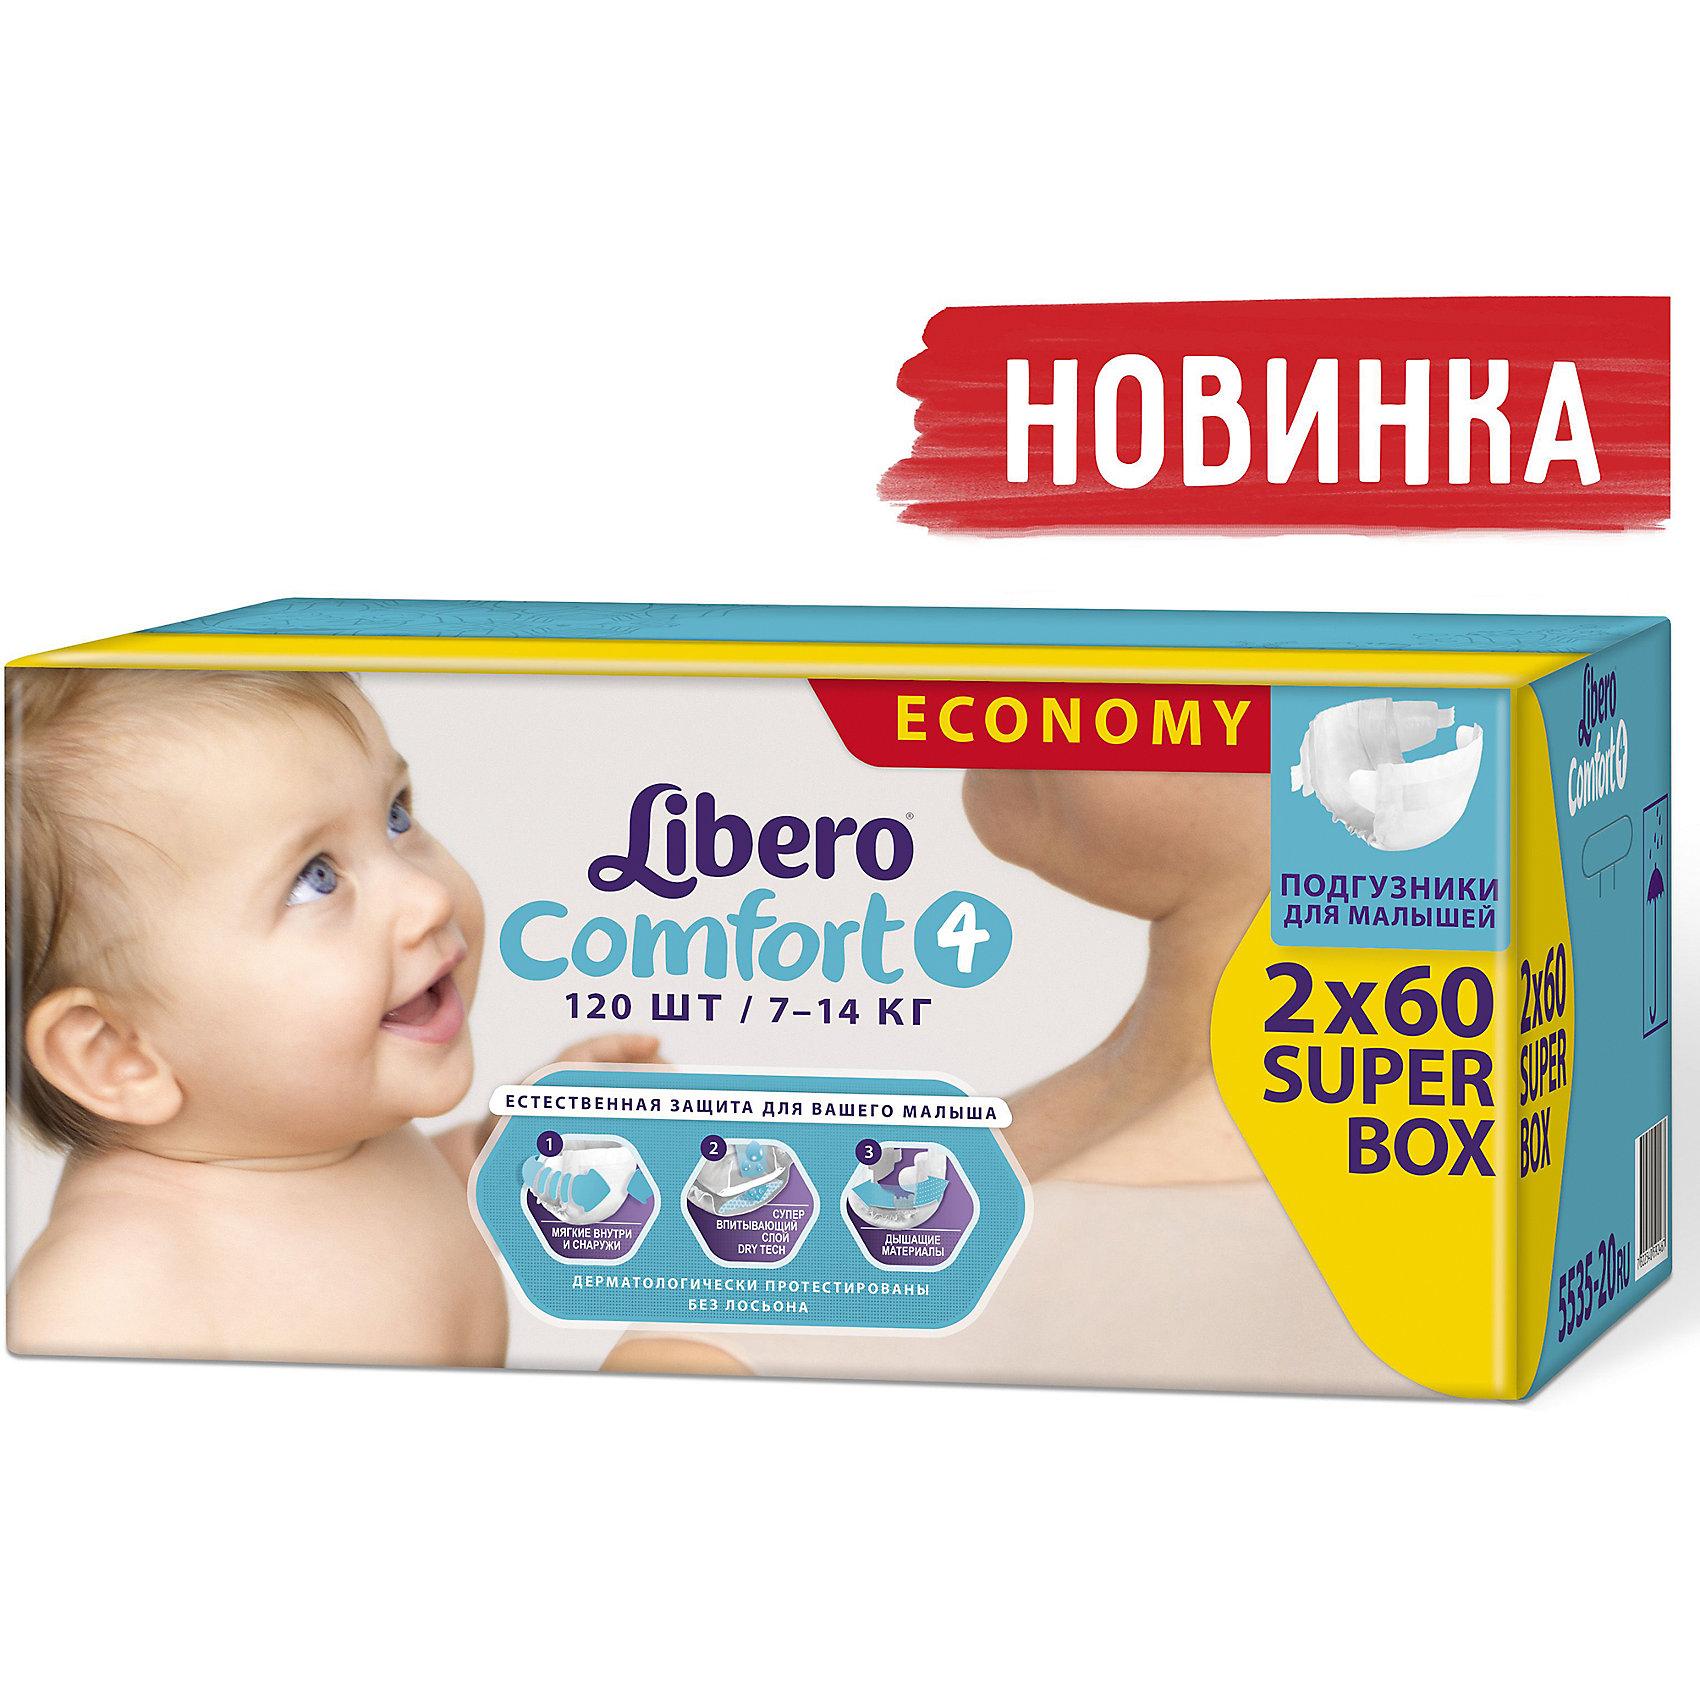 Подгузники Libero Comfort, Maxi 7-14 кг (4), 120 шт. (2x60)Подгузники Libero Comfort (Либеро Комфорт) Size 4 (7-14кг), 120 шт.<br><br>Характеристики:<br><br>• быстро впитывают влагу и удерживают ее<br>• дышащий материал<br>• эластичный поясок<br>• тянущиеся боковинки<br>• мягкий барьер вокруг ног защитит от протеканий<br>• анатомические резиночки<br>• многоразовые застежки<br>• размер: 4 (от 7 до 14 кг)<br>• количество в упаковке: 120 шт.<br><br>Ваш малыш растет и развивается каждый день. Для комфортного исследования окружающего мира ему нужны хорошие подгузники. Libero Comfort быстро впитают влагу и предотвратят протекания благодаря высоким барьерам и эластичному пояску. Специальные материалы не содержат лосьонов и позволят коже крохи дышать, что поможет избежать раздражения и натирания. Тянущиеся боковинки и анатомические резинки обеспечат плотное прилегание подгузника к телу. Подарите юному исследователю сухость и комфорт!<br><br>Подгузники Libero Comfort (Либеро Комфорт) Size 4 (7-14кг), 120 шт. вы можете купить в нашем интернет-магазине.<br><br>Ширина мм: 264<br>Глубина мм: 448<br>Высота мм: 209<br>Вес г: 4611<br>Возраст от месяцев: 6<br>Возраст до месяцев: 36<br>Пол: Унисекс<br>Возраст: Детский<br>SKU: 3517625